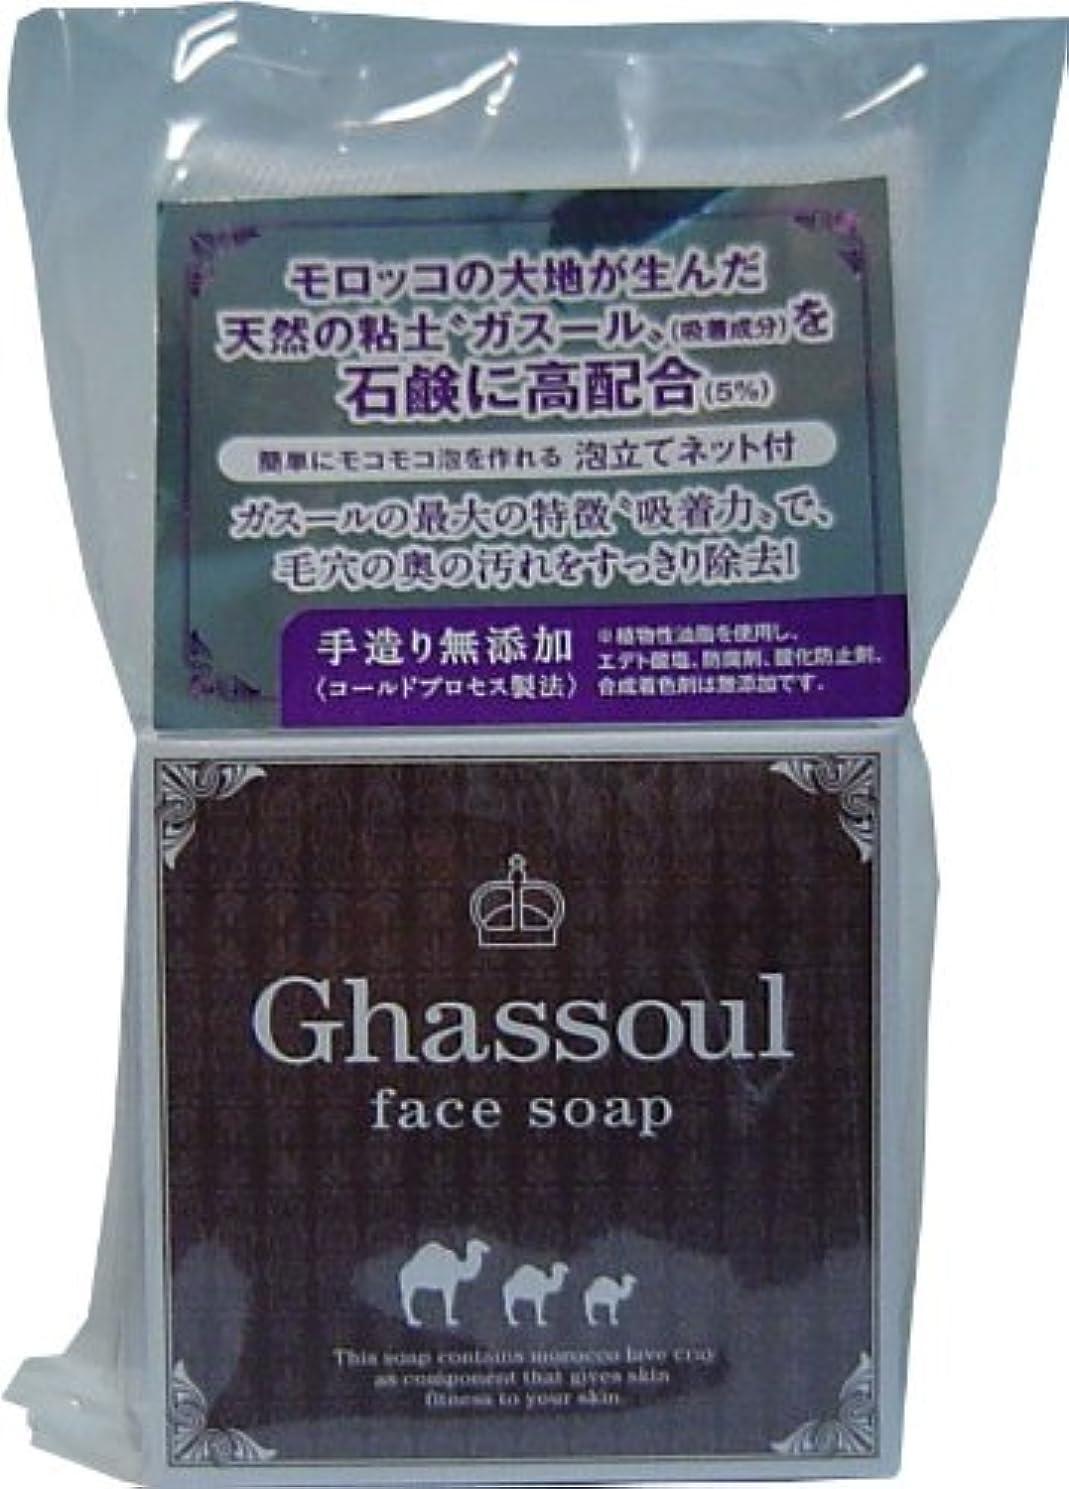 すき満足させるソロGhassoul face soap ガスールフェイスソープ 100g ×10個セット